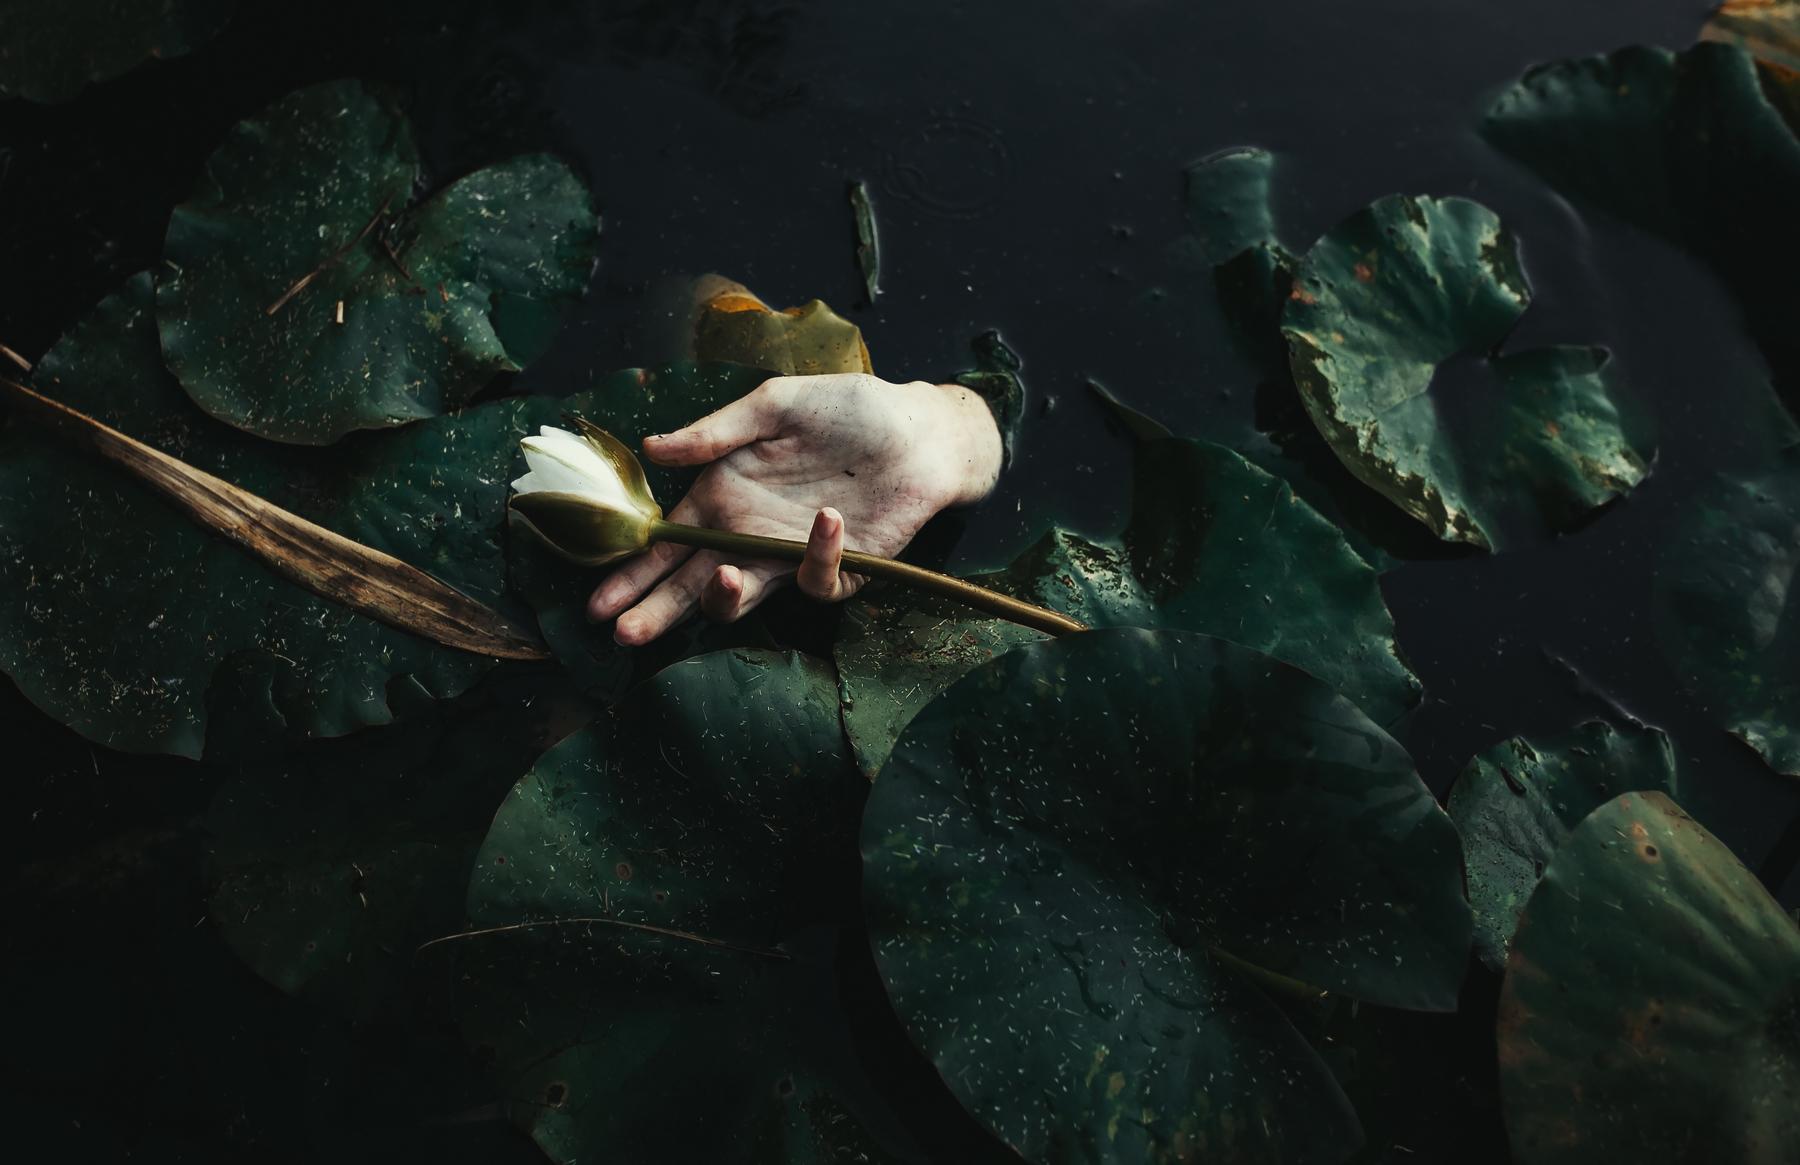 Болото / фотограф Вероника Гергерт